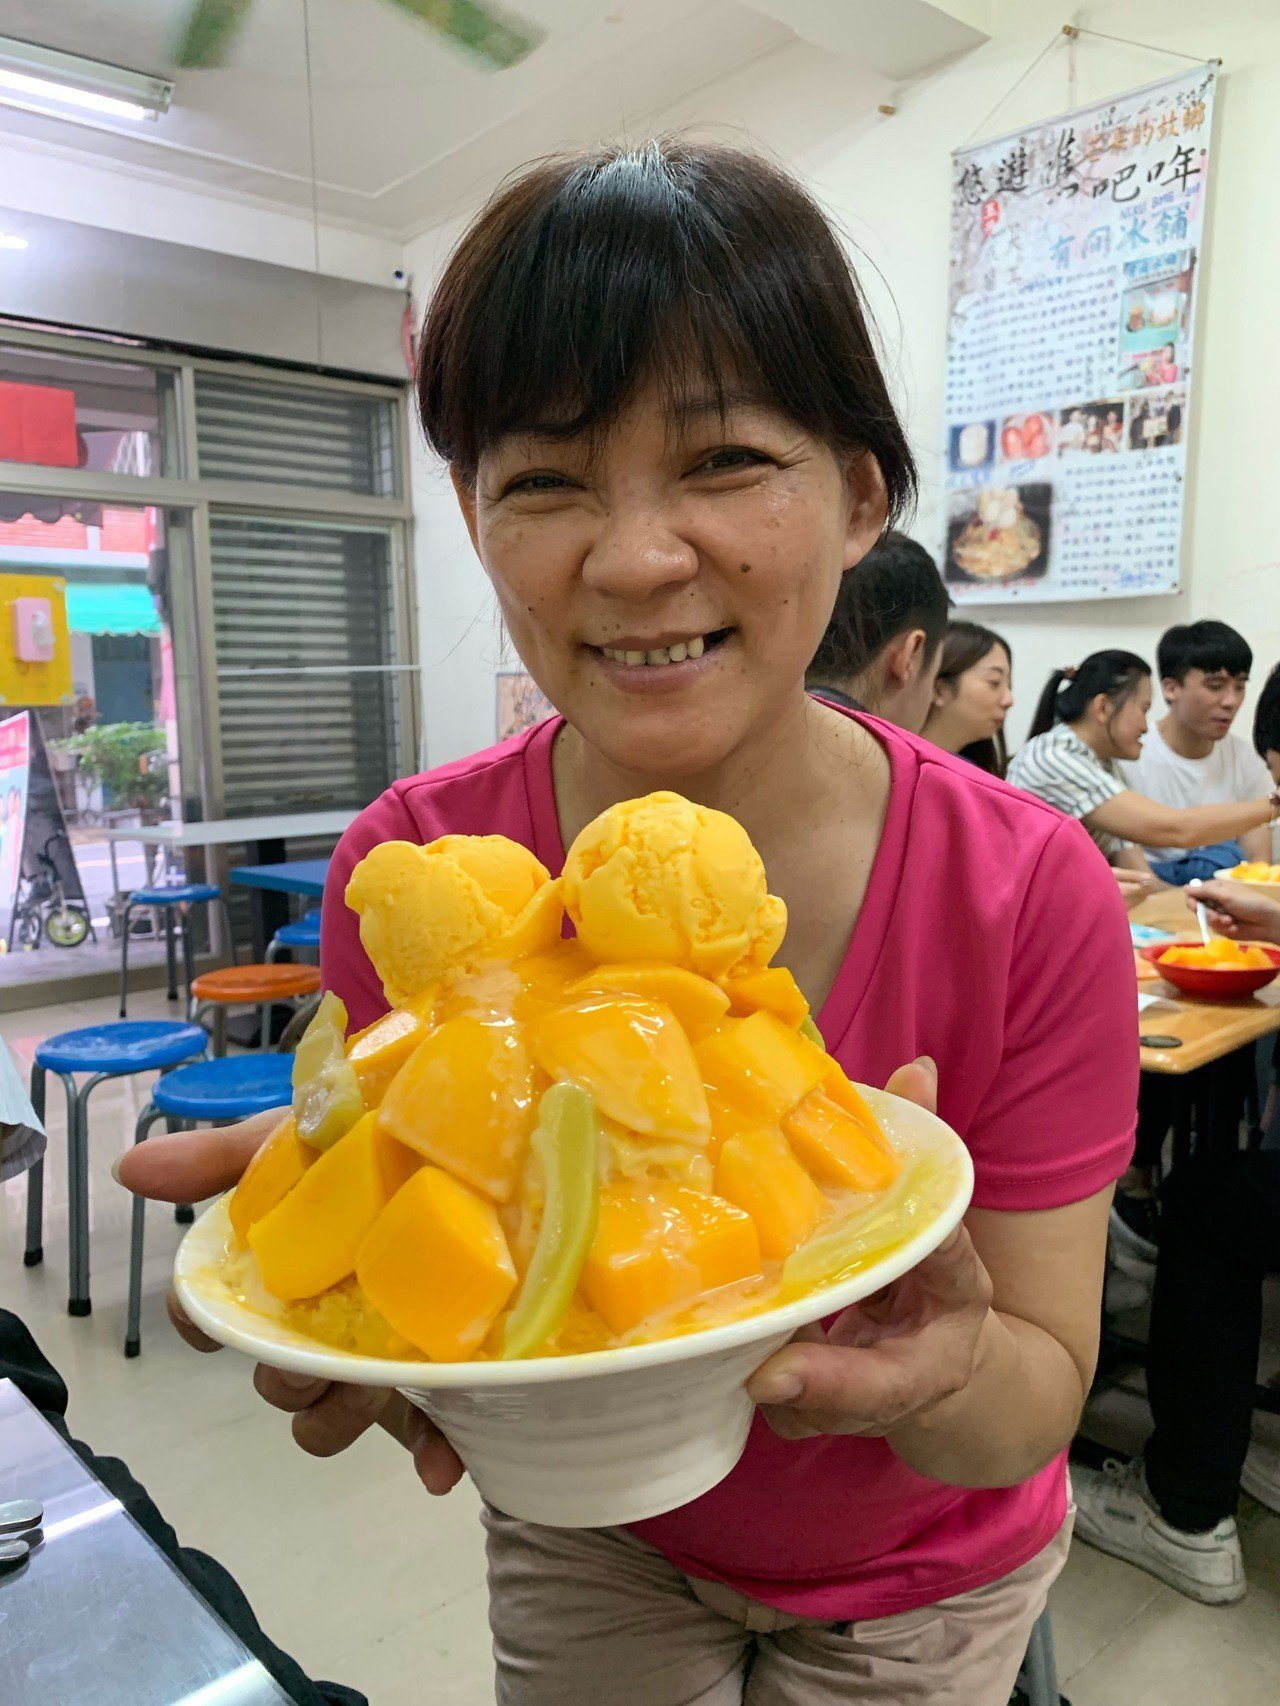 高溫狂飆,台南玉井芒果冰提前熱賣。記者吳淑玲/攝影